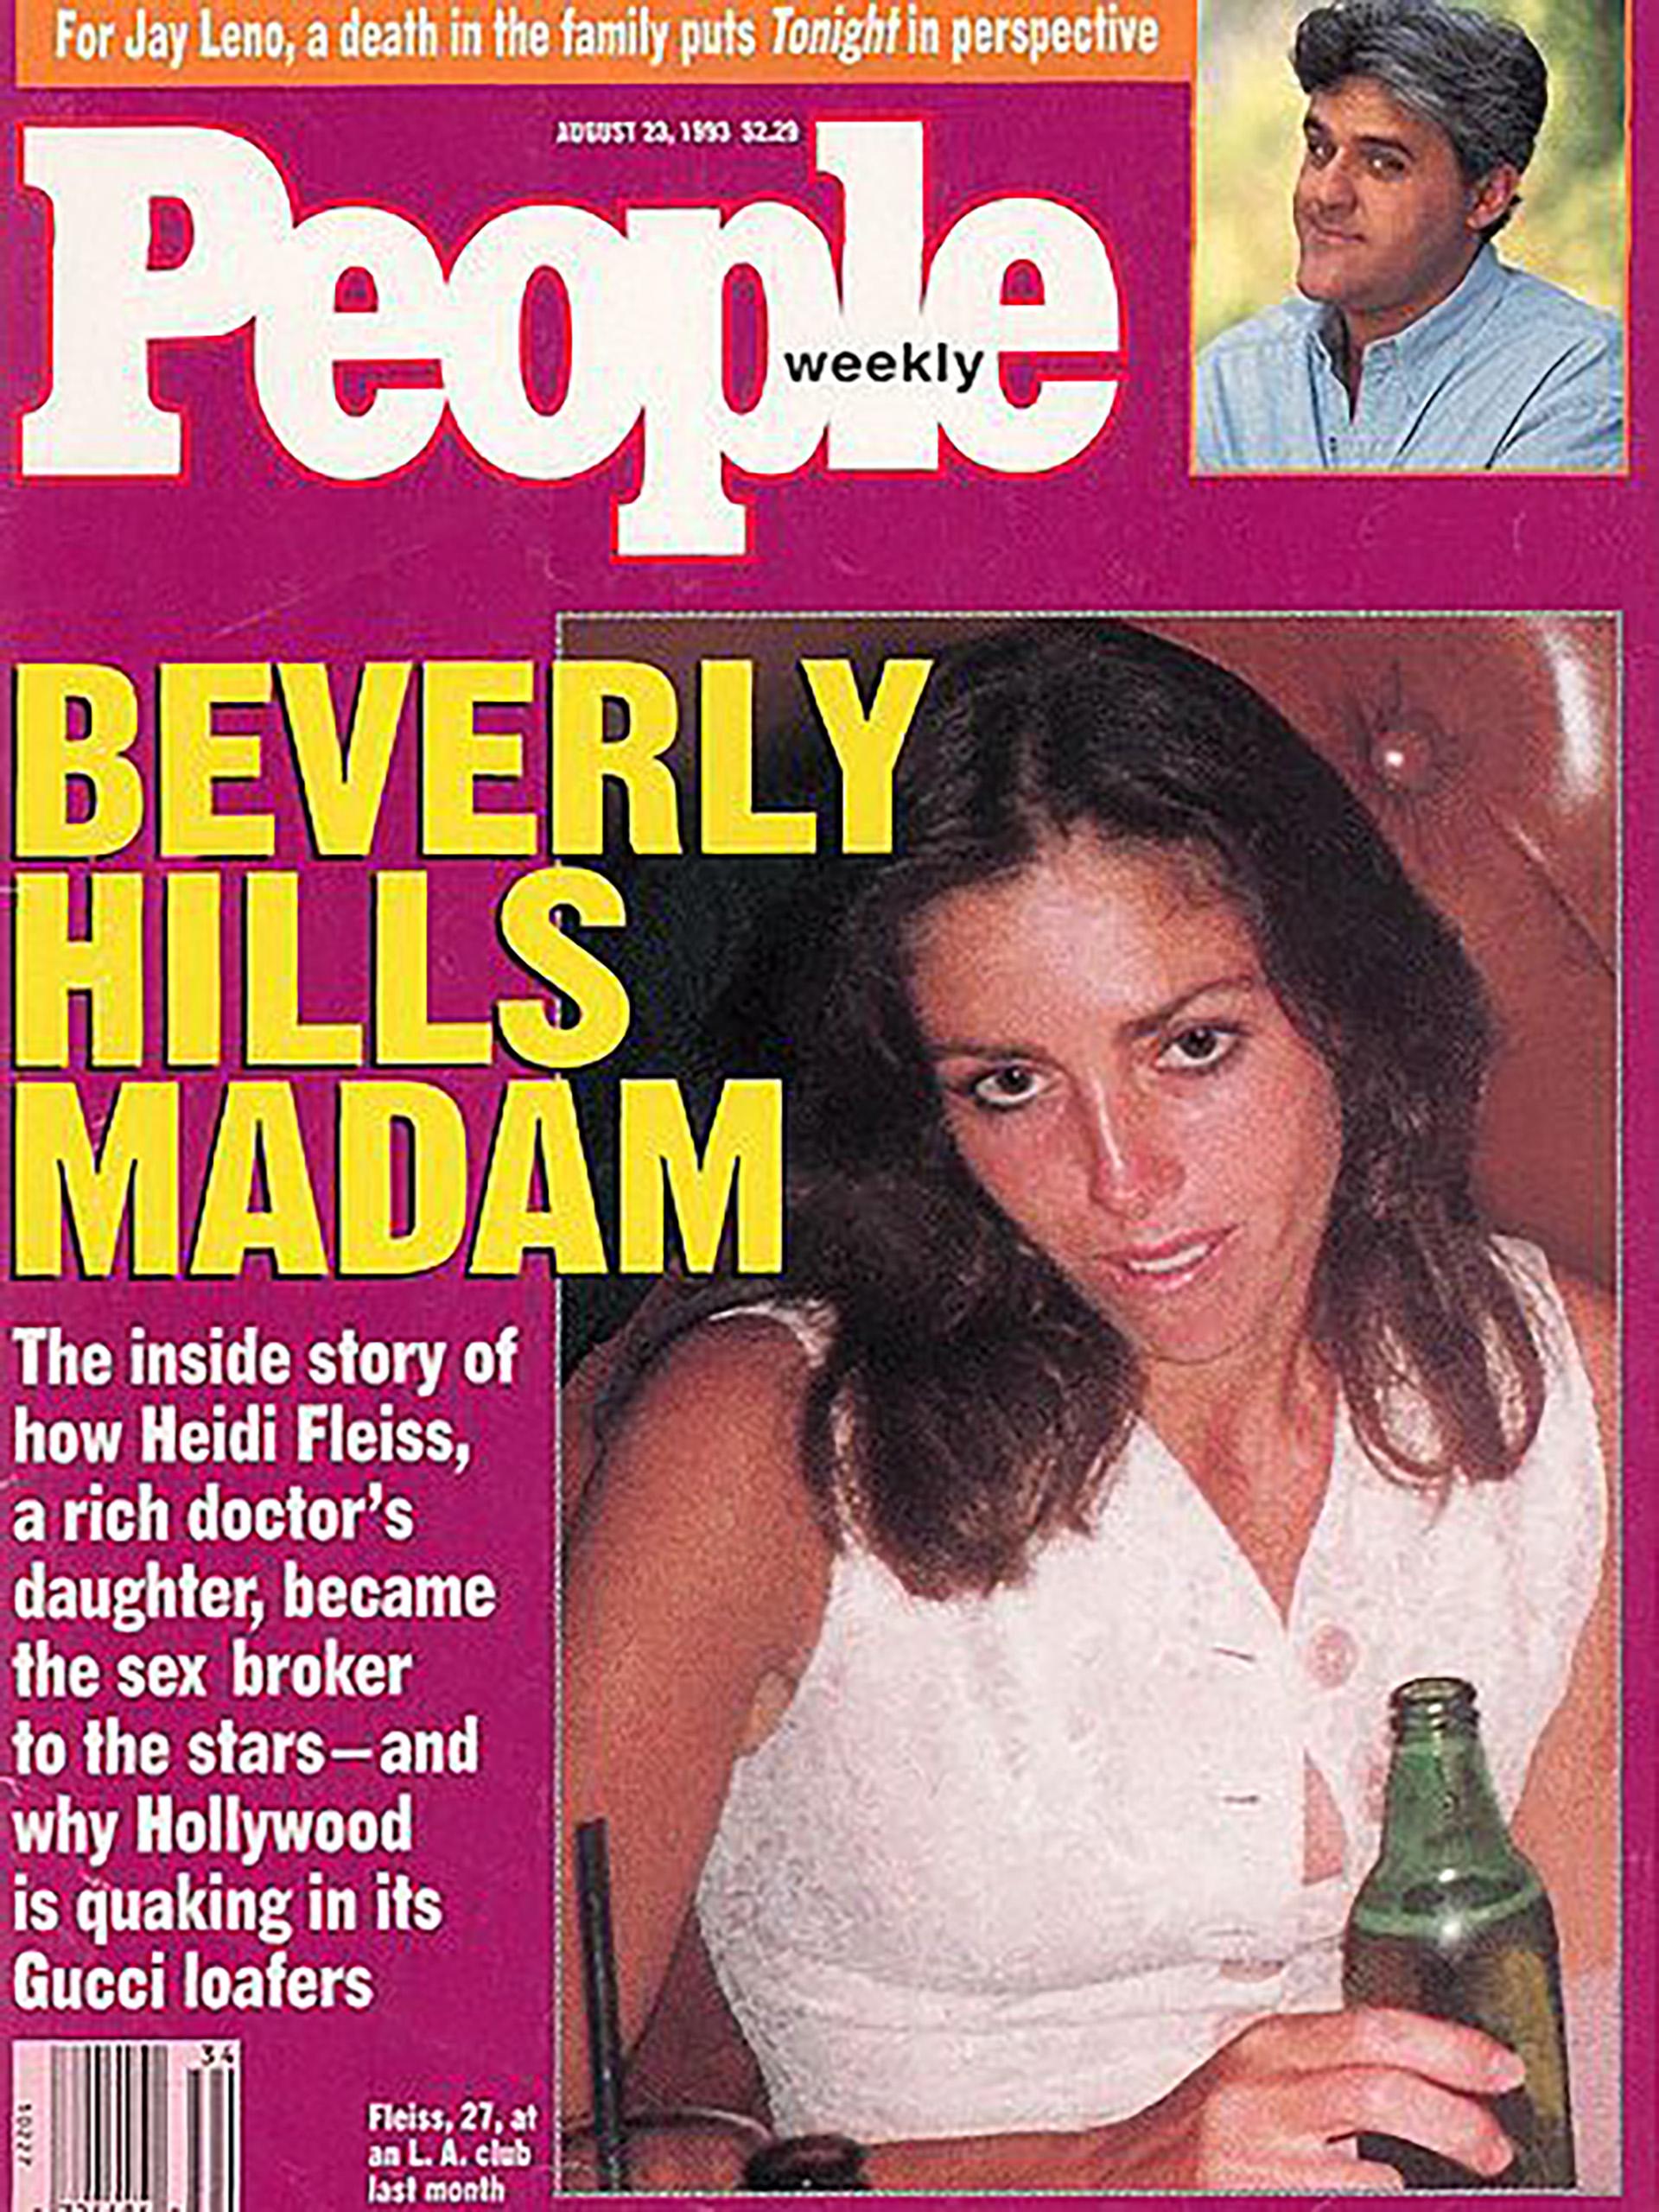 El escándalo llevó a Heidi a las portadas de los principales medios de su país